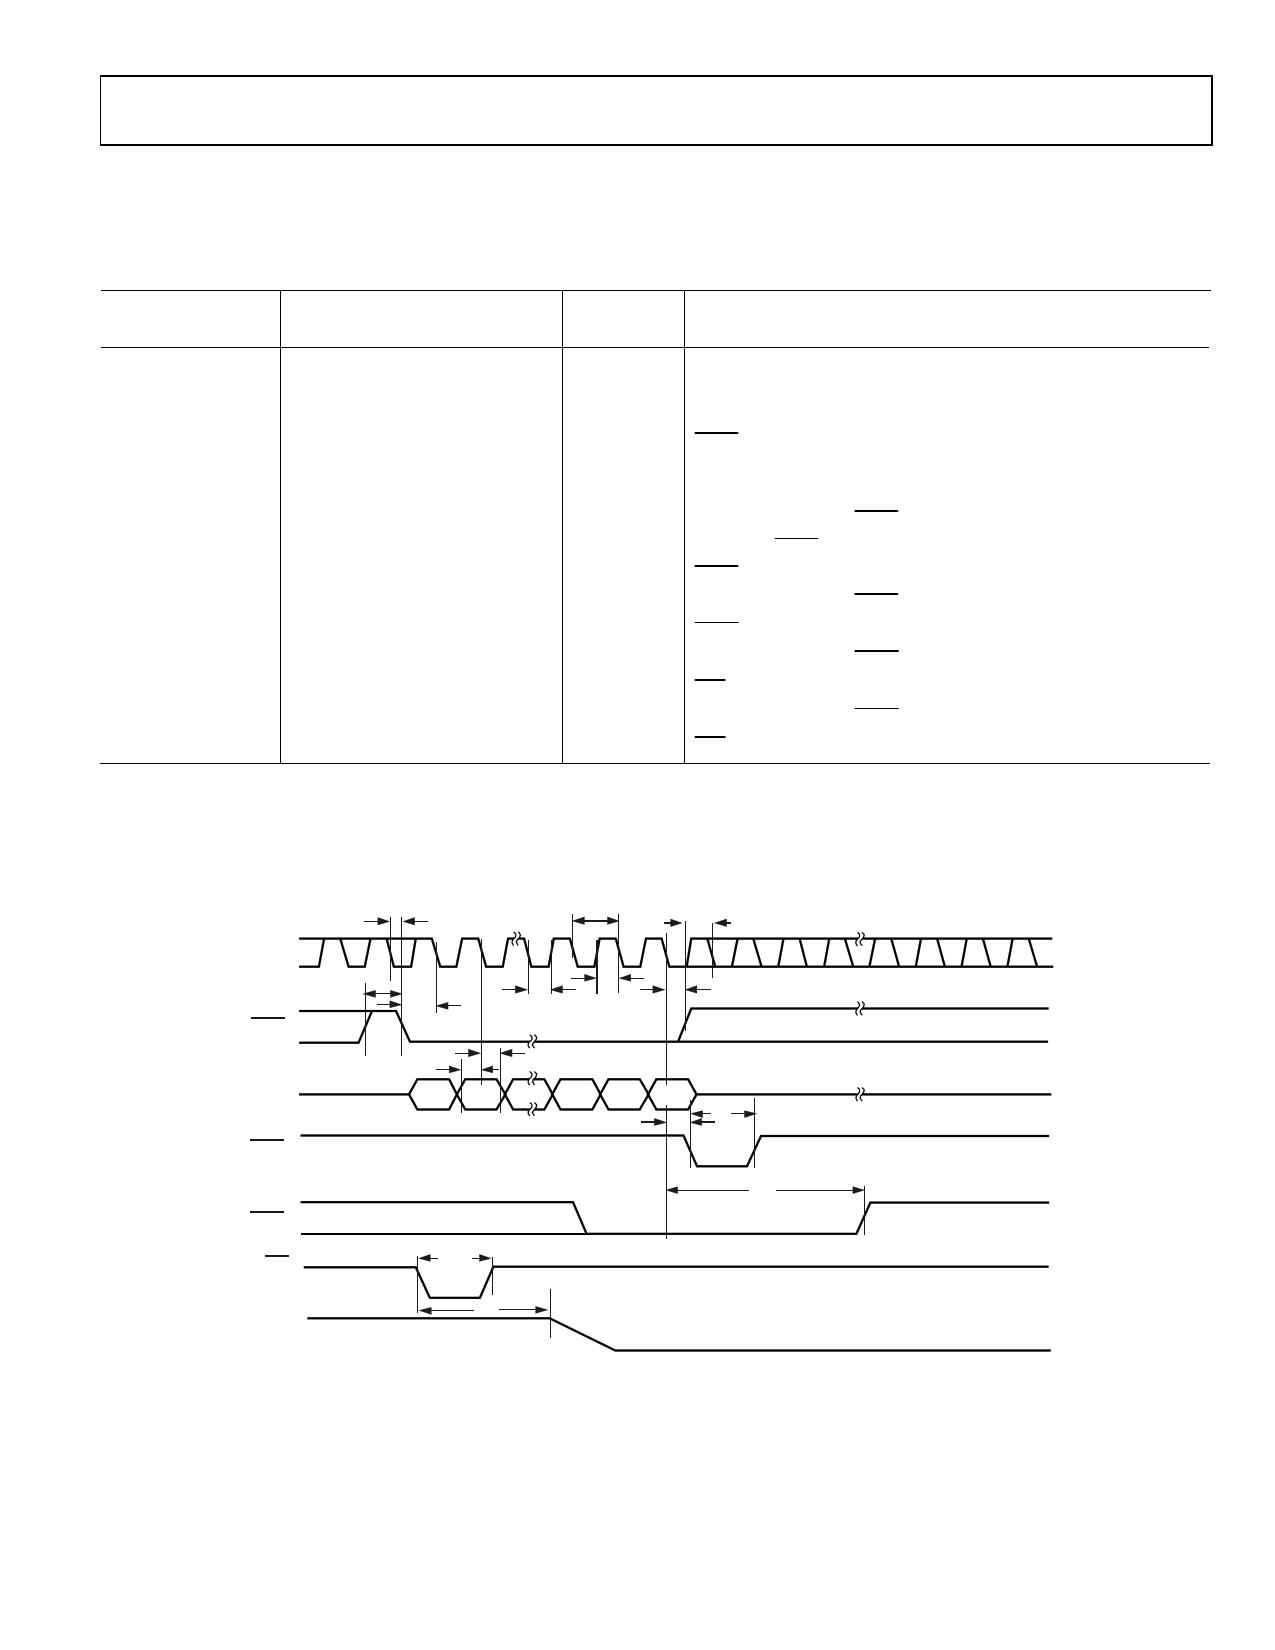 AD5663 pdf